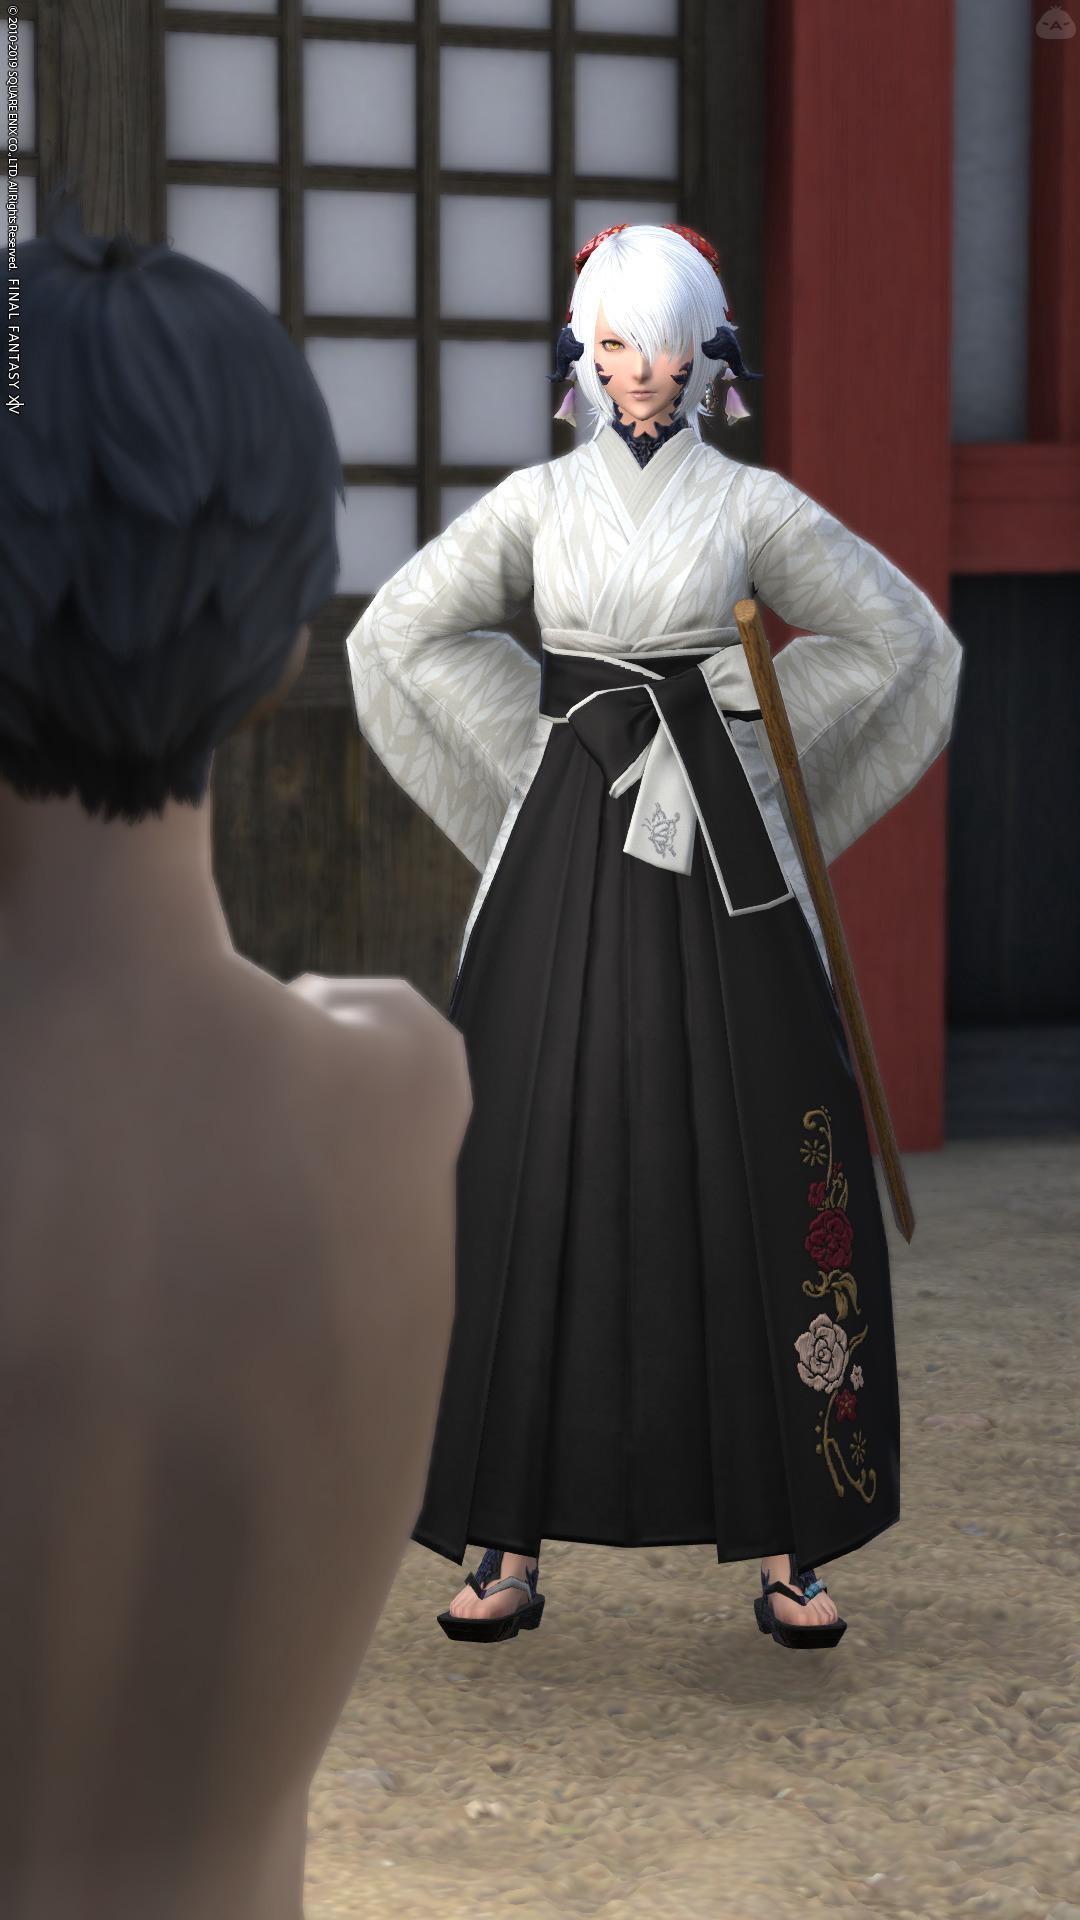 剣術道場の師範代